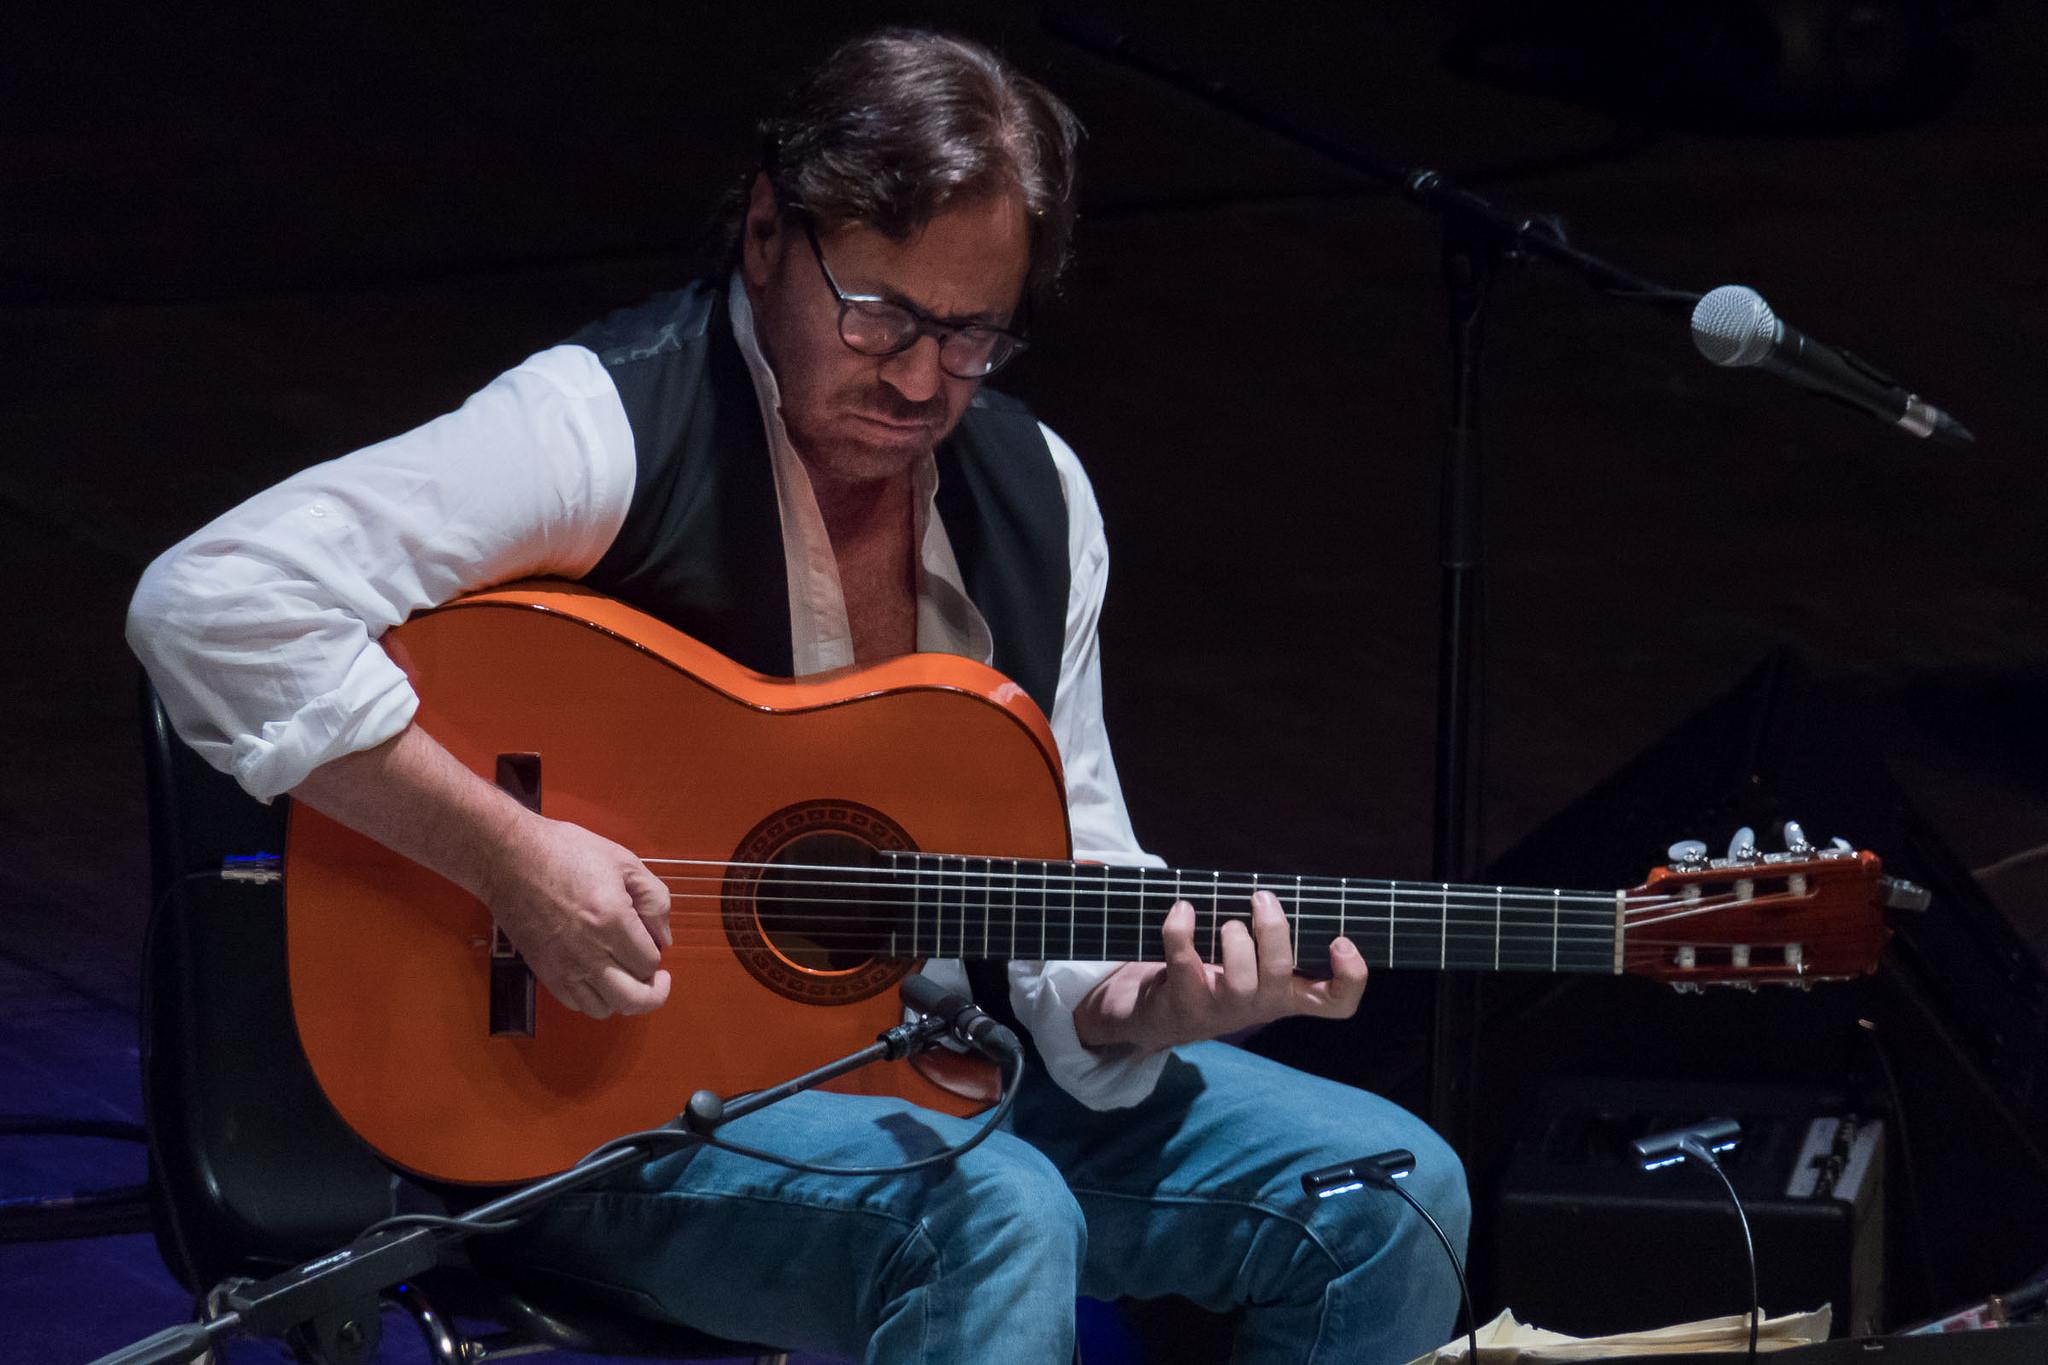 Teatro Dei Marsi, tripudio di emozioni con il chitarrista statunitense Al Di Meola